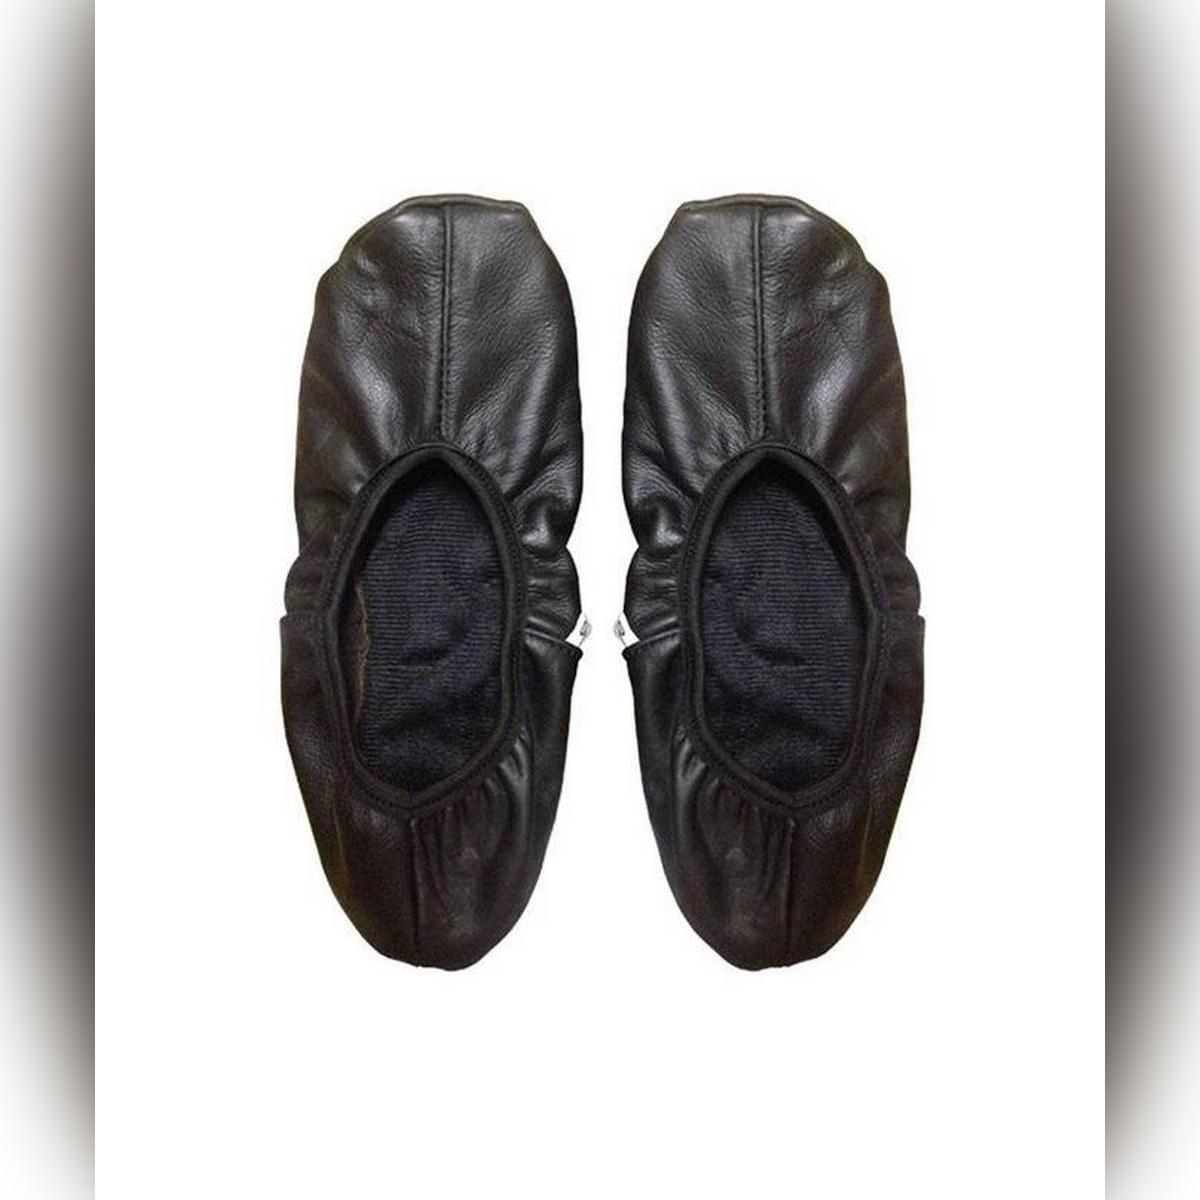 Leather Half Socks (Mozay) For Hajj Umrah - Unisex - Black